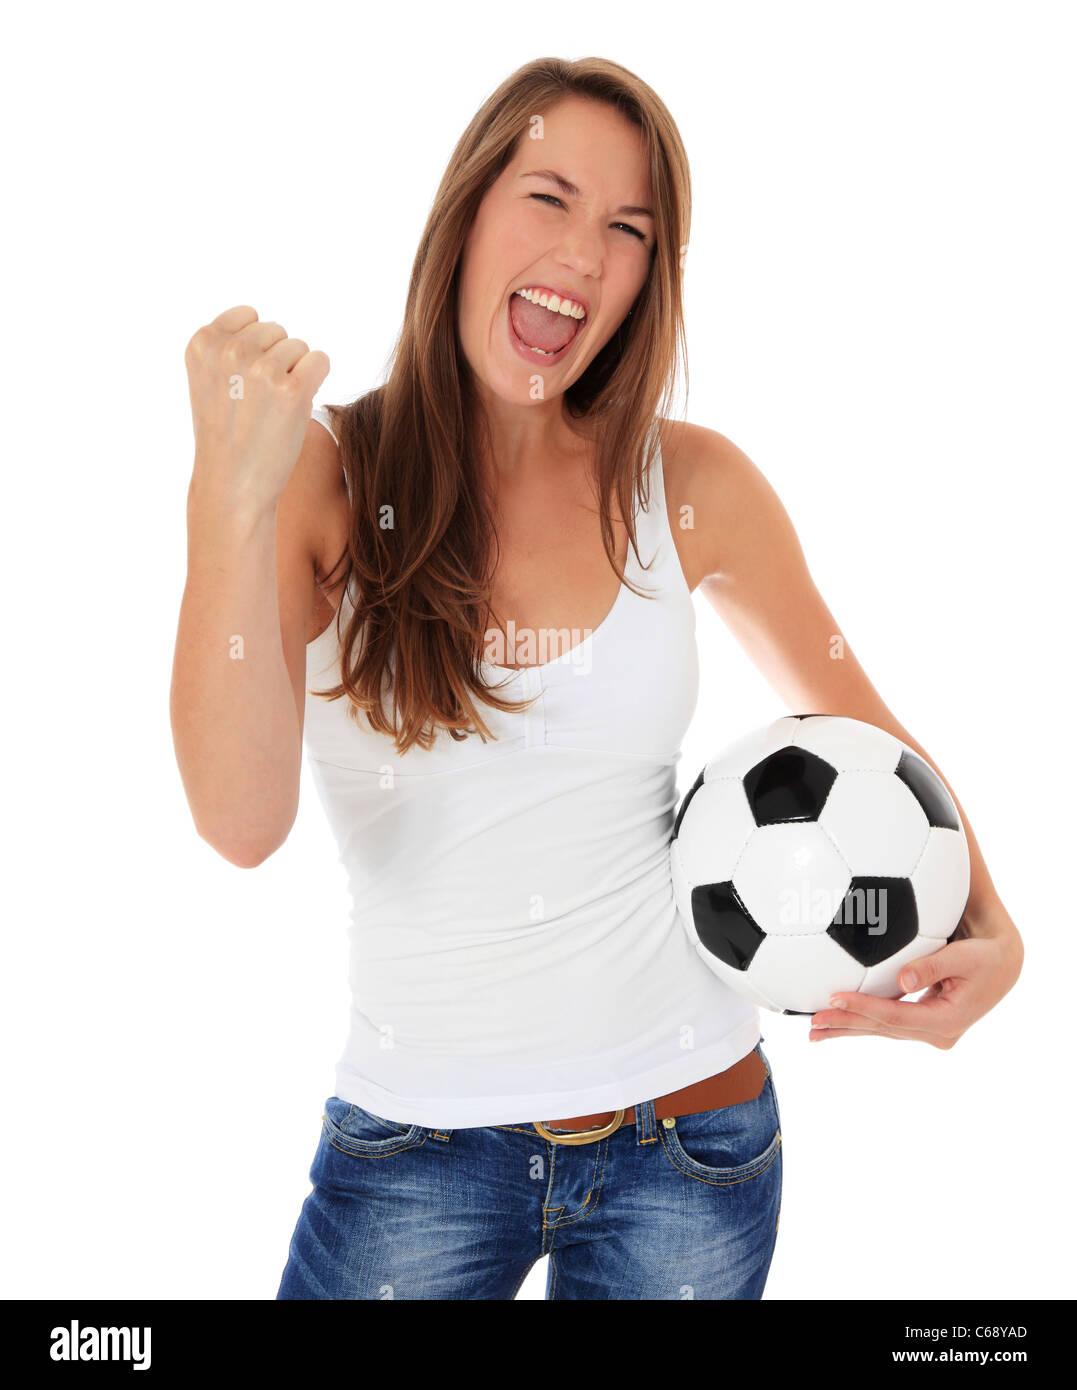 f68250f5f1eca Animando joven sosteniendo un balón de fútbol. Todo sobre fondo blanco.  Imagen De Stock